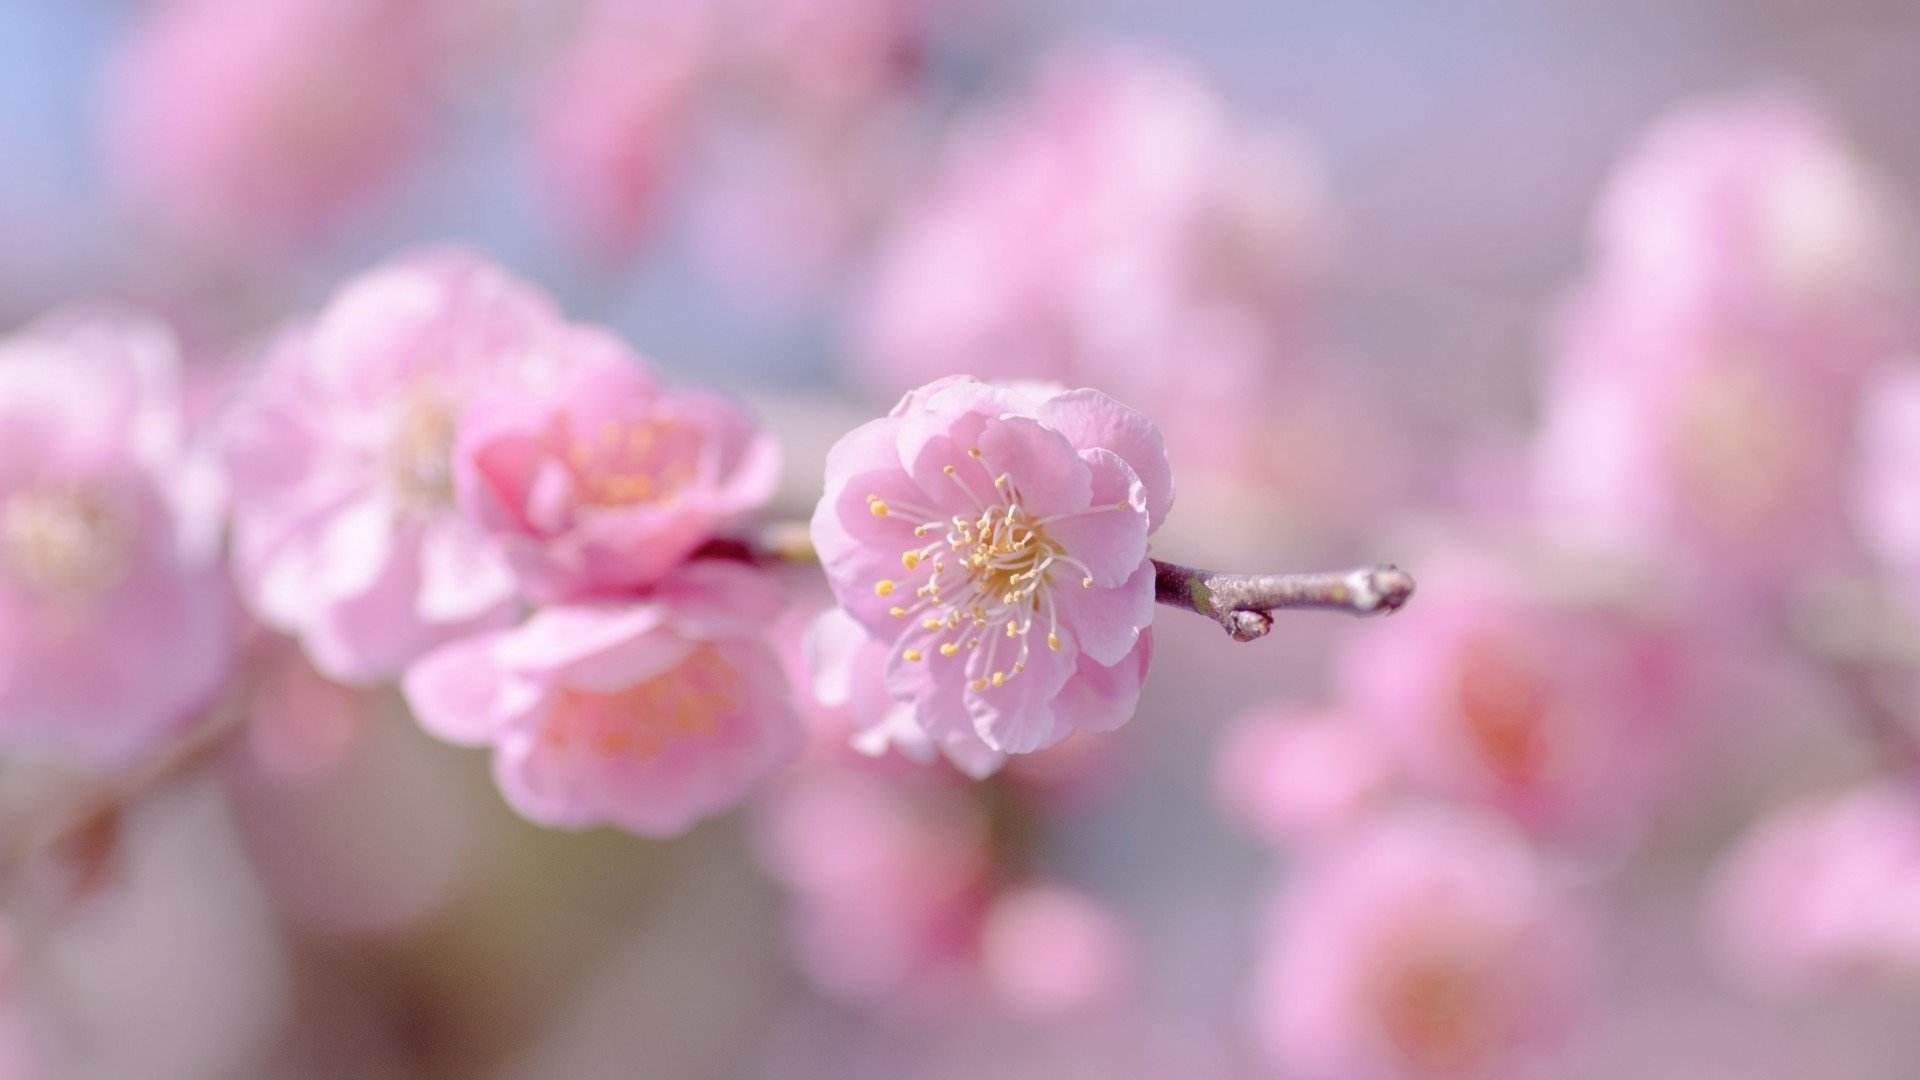 爱情感悟的句子伤感说说:有的相遇不是偶然,而是宿命